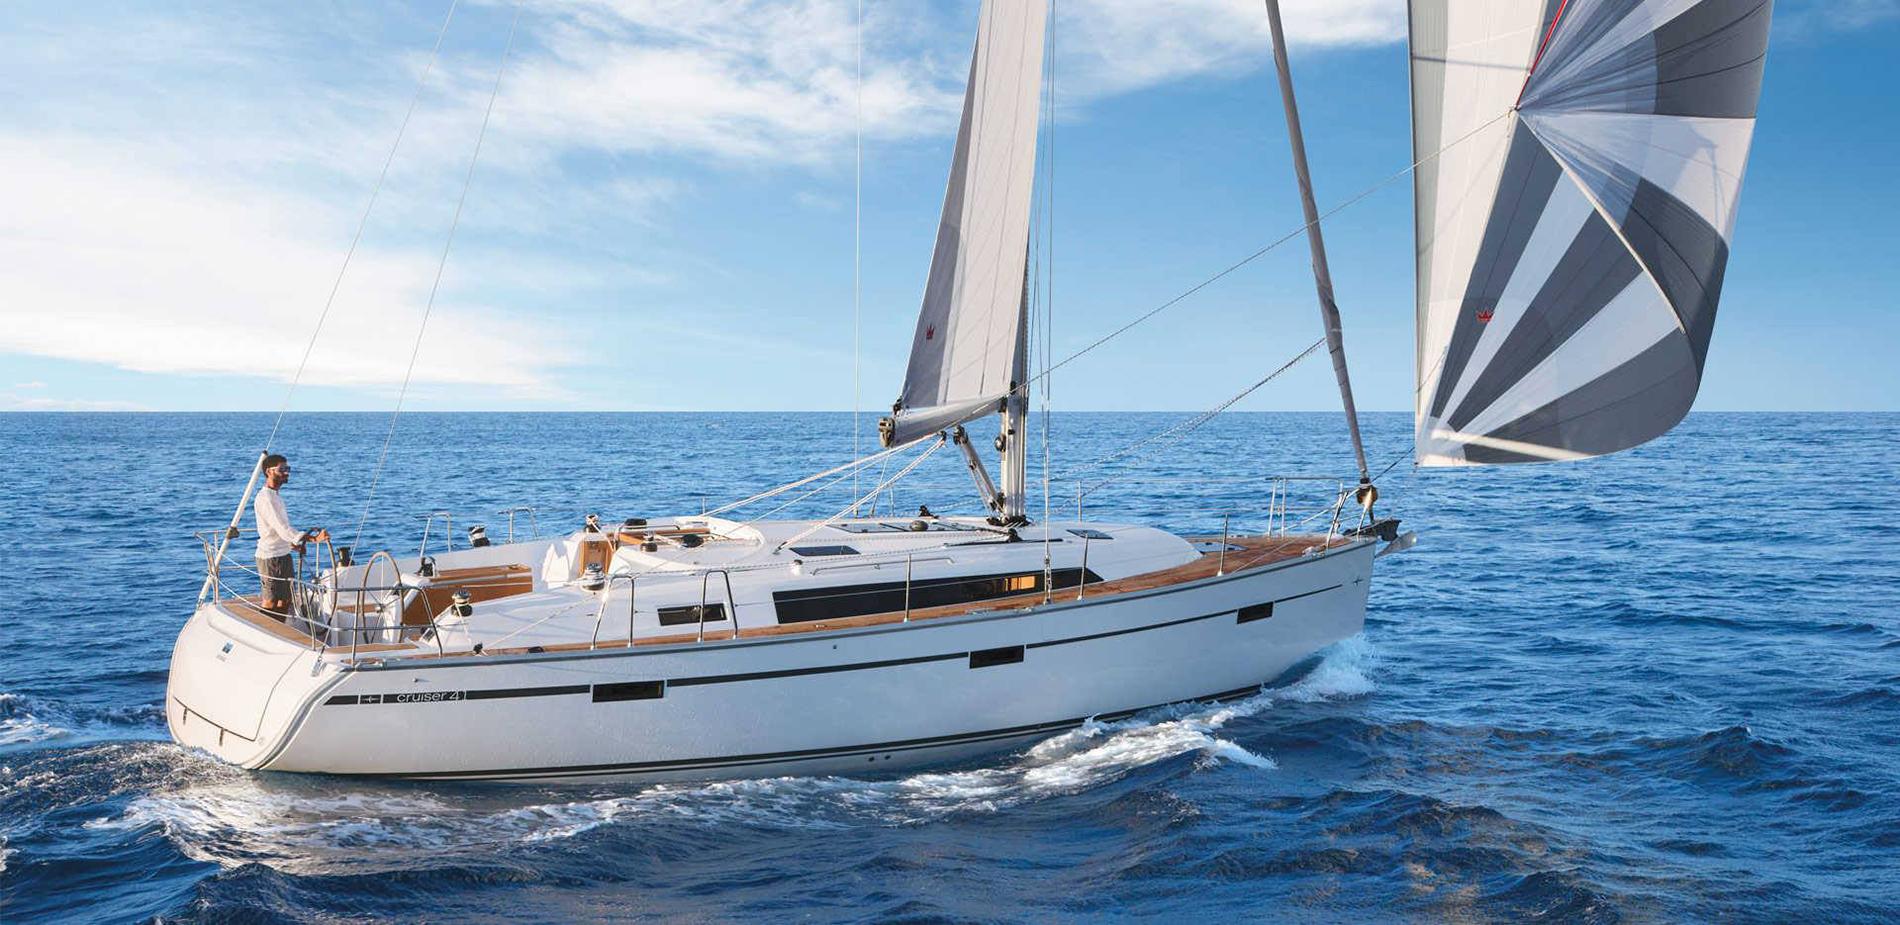 Båtferie I Hellas